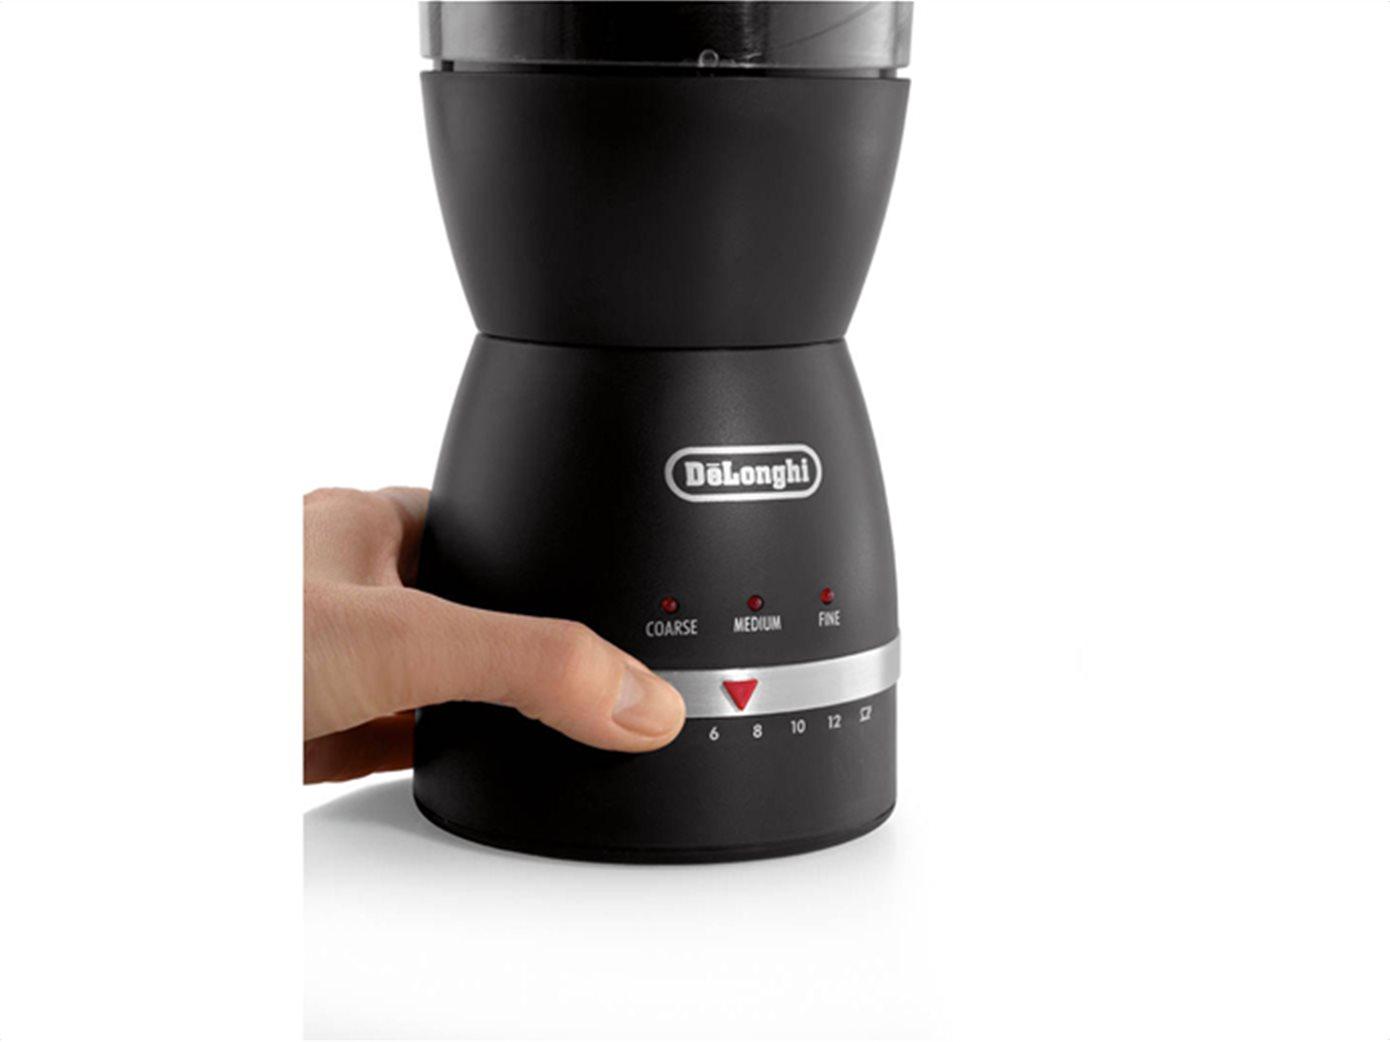 Μύλος άλεσης καφέ KG49 90GR De'Longhi 1